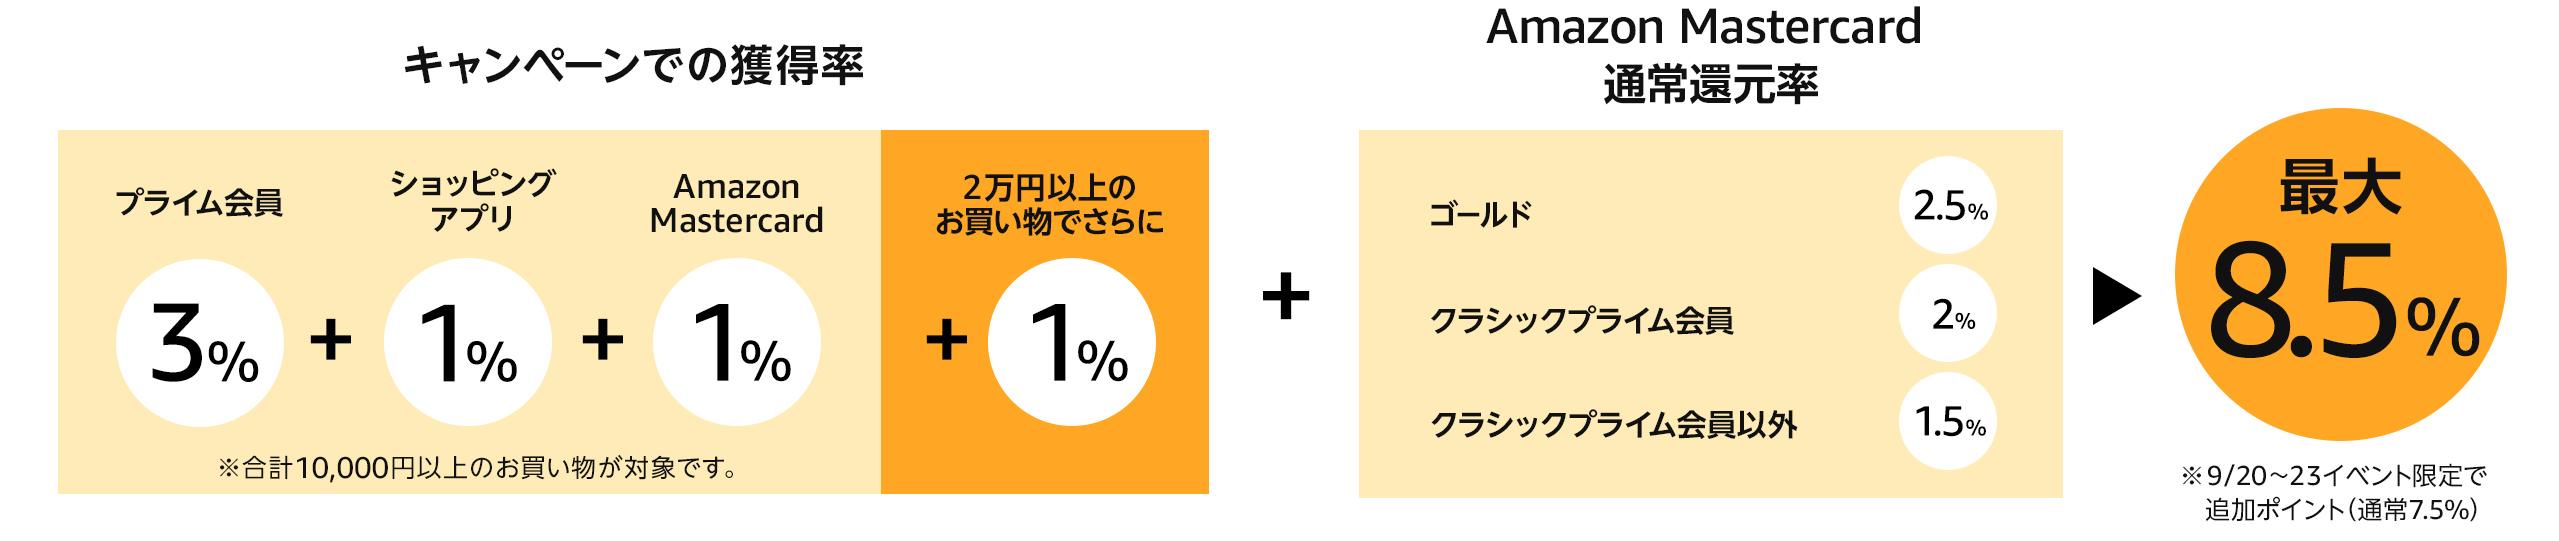 本キャンペーンによるポイント獲得率